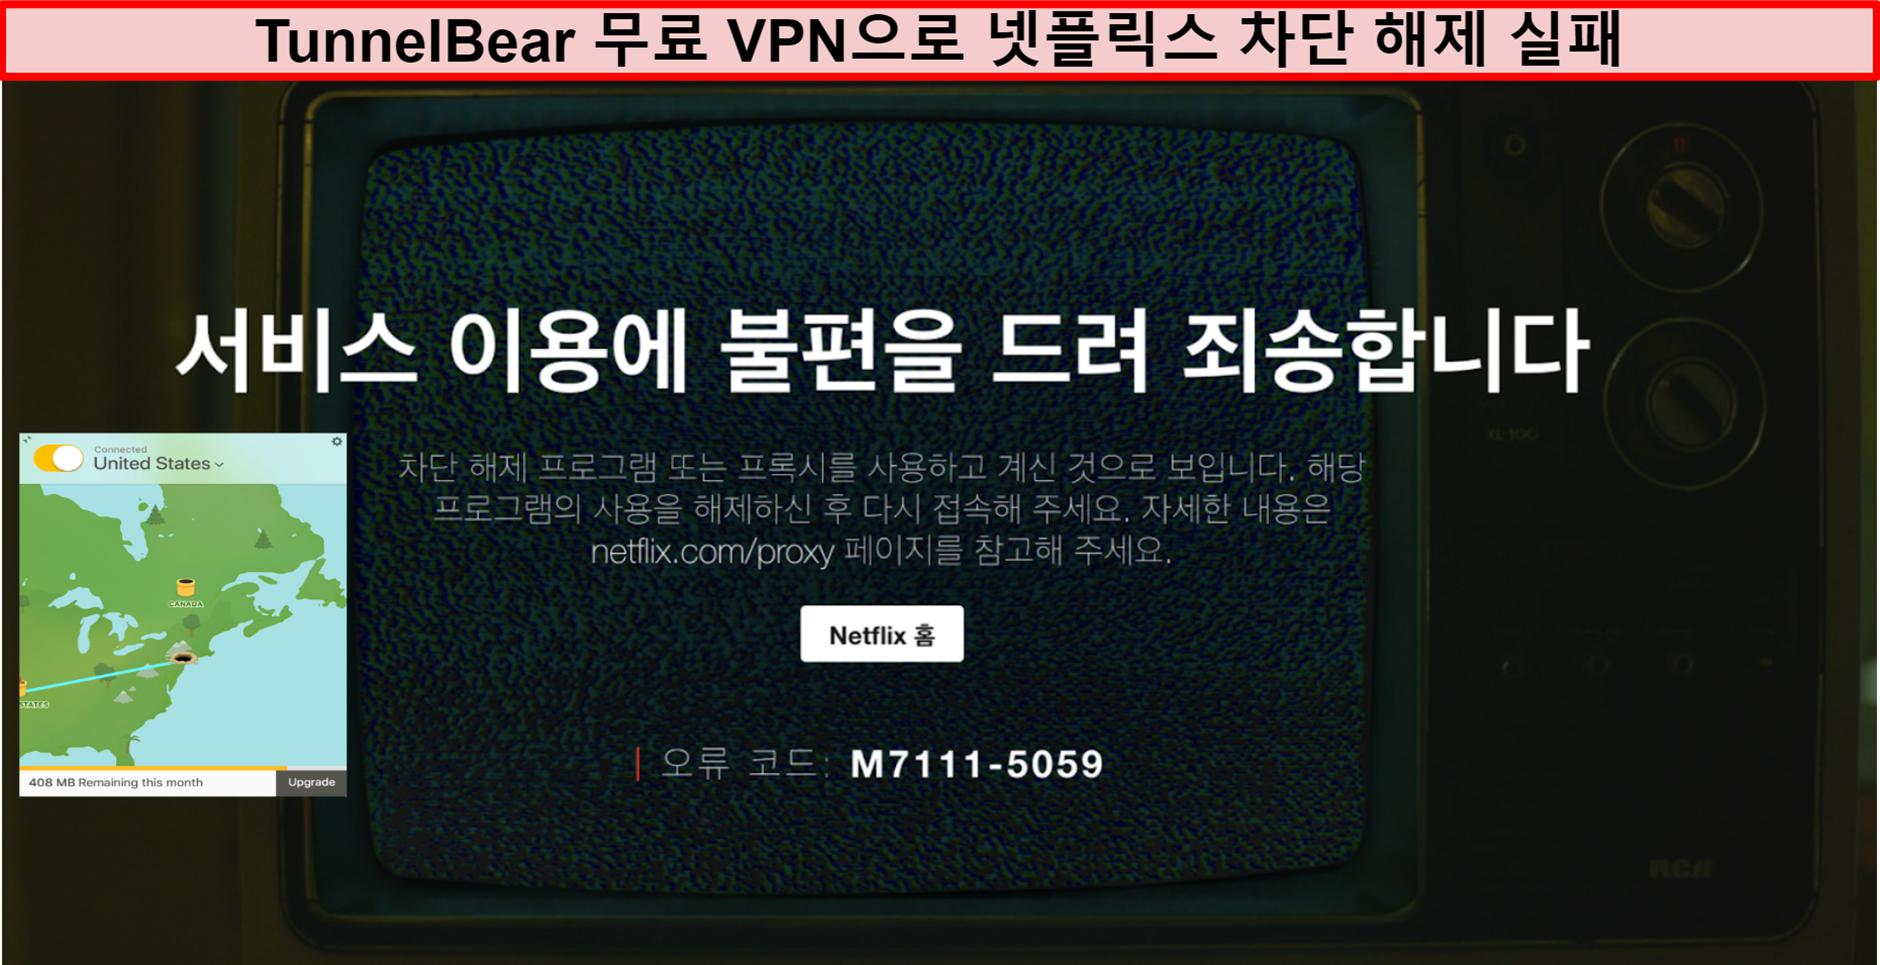 Netflix를 사용하여 미국에 연결된 TunnelBear VPN의 스크린 샷으로 차단 해제 또는 프록시 오류 메시지 표시